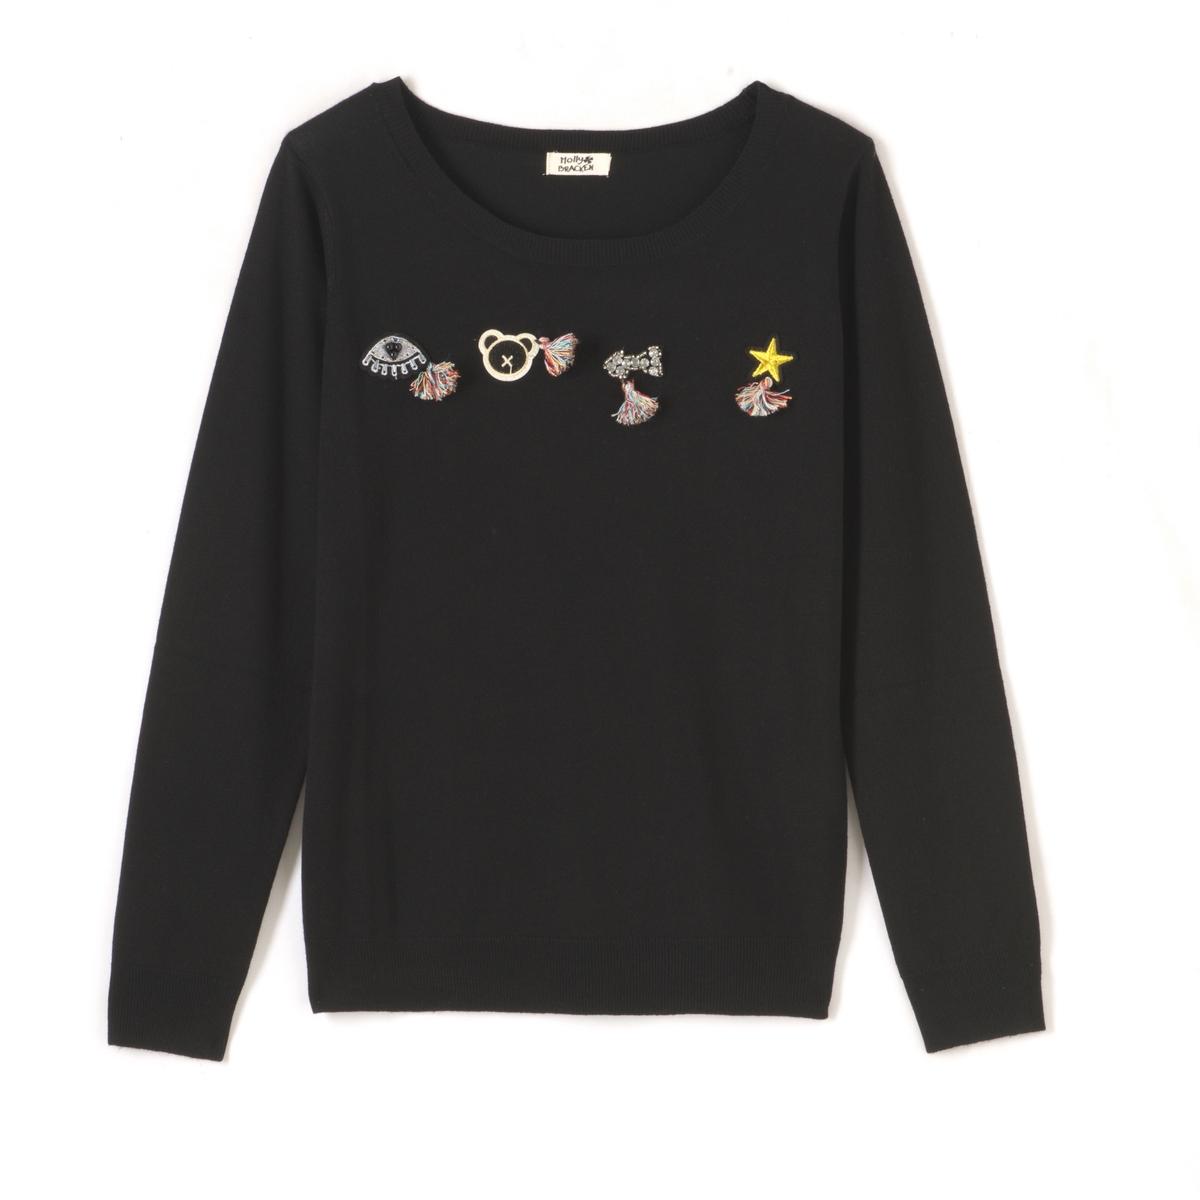 Пуловер с длинными рукавами и вышитым рисункомМатериал : 25% вискозы, 75% полиэстера   Длина рукава : длинные рукава  Форма воротника : круглый вырез  Покрой пуловера : стандартный  Рисунок : рисунок спереди<br><br>Цвет: черный<br>Размер: S/M